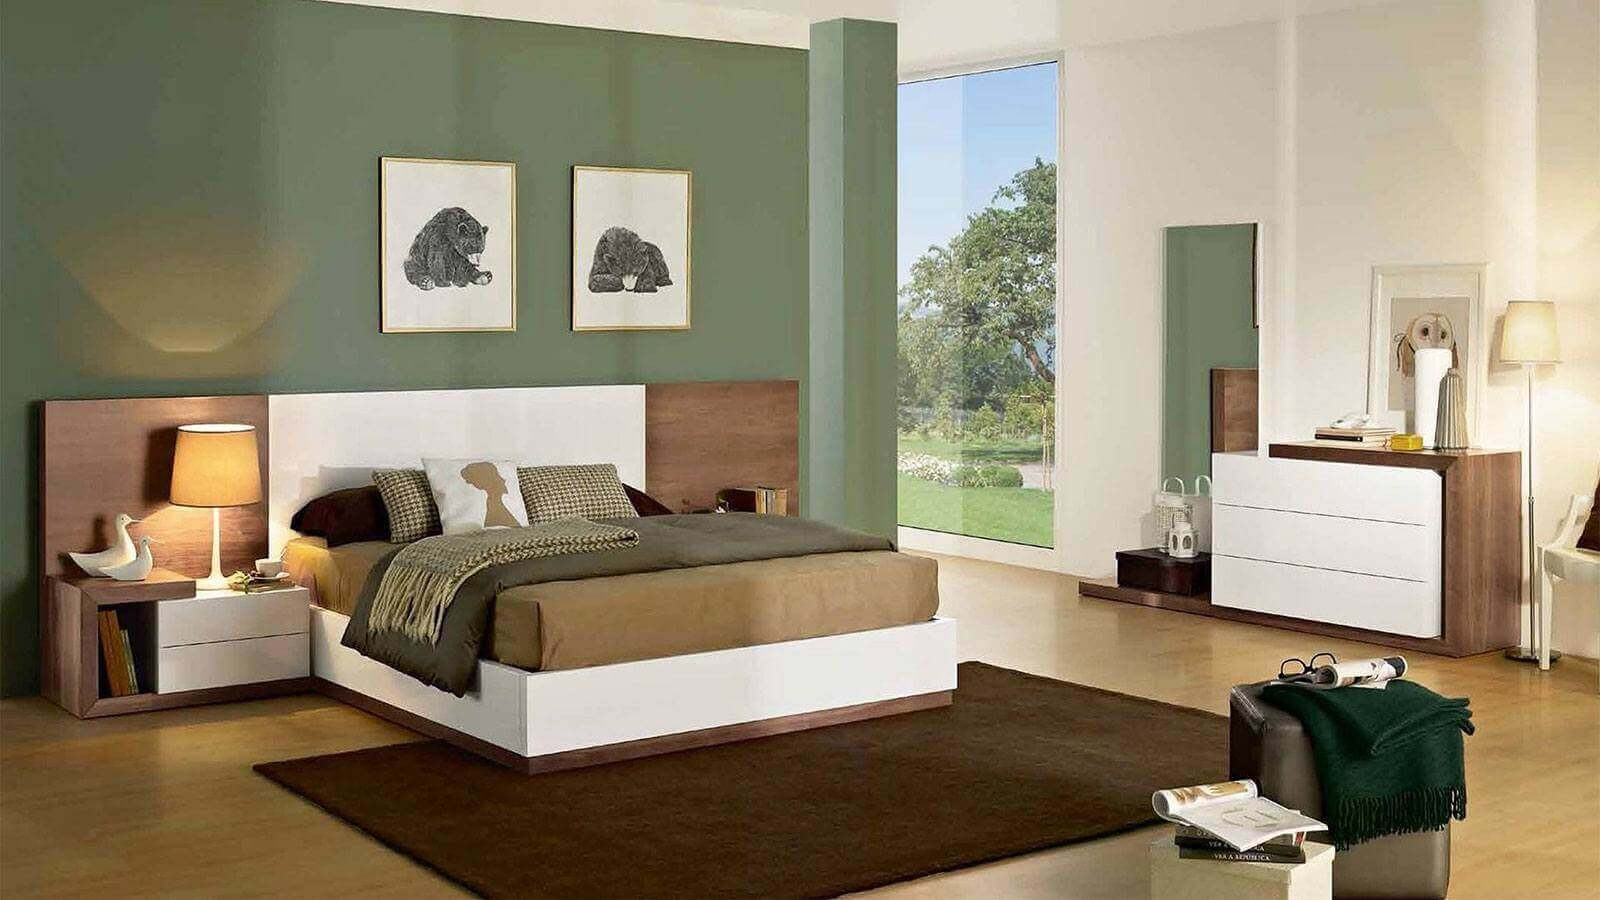 loja de fabrica sofa e colchoes porangaba tantra móveis são jorge revenda p lojas sofás